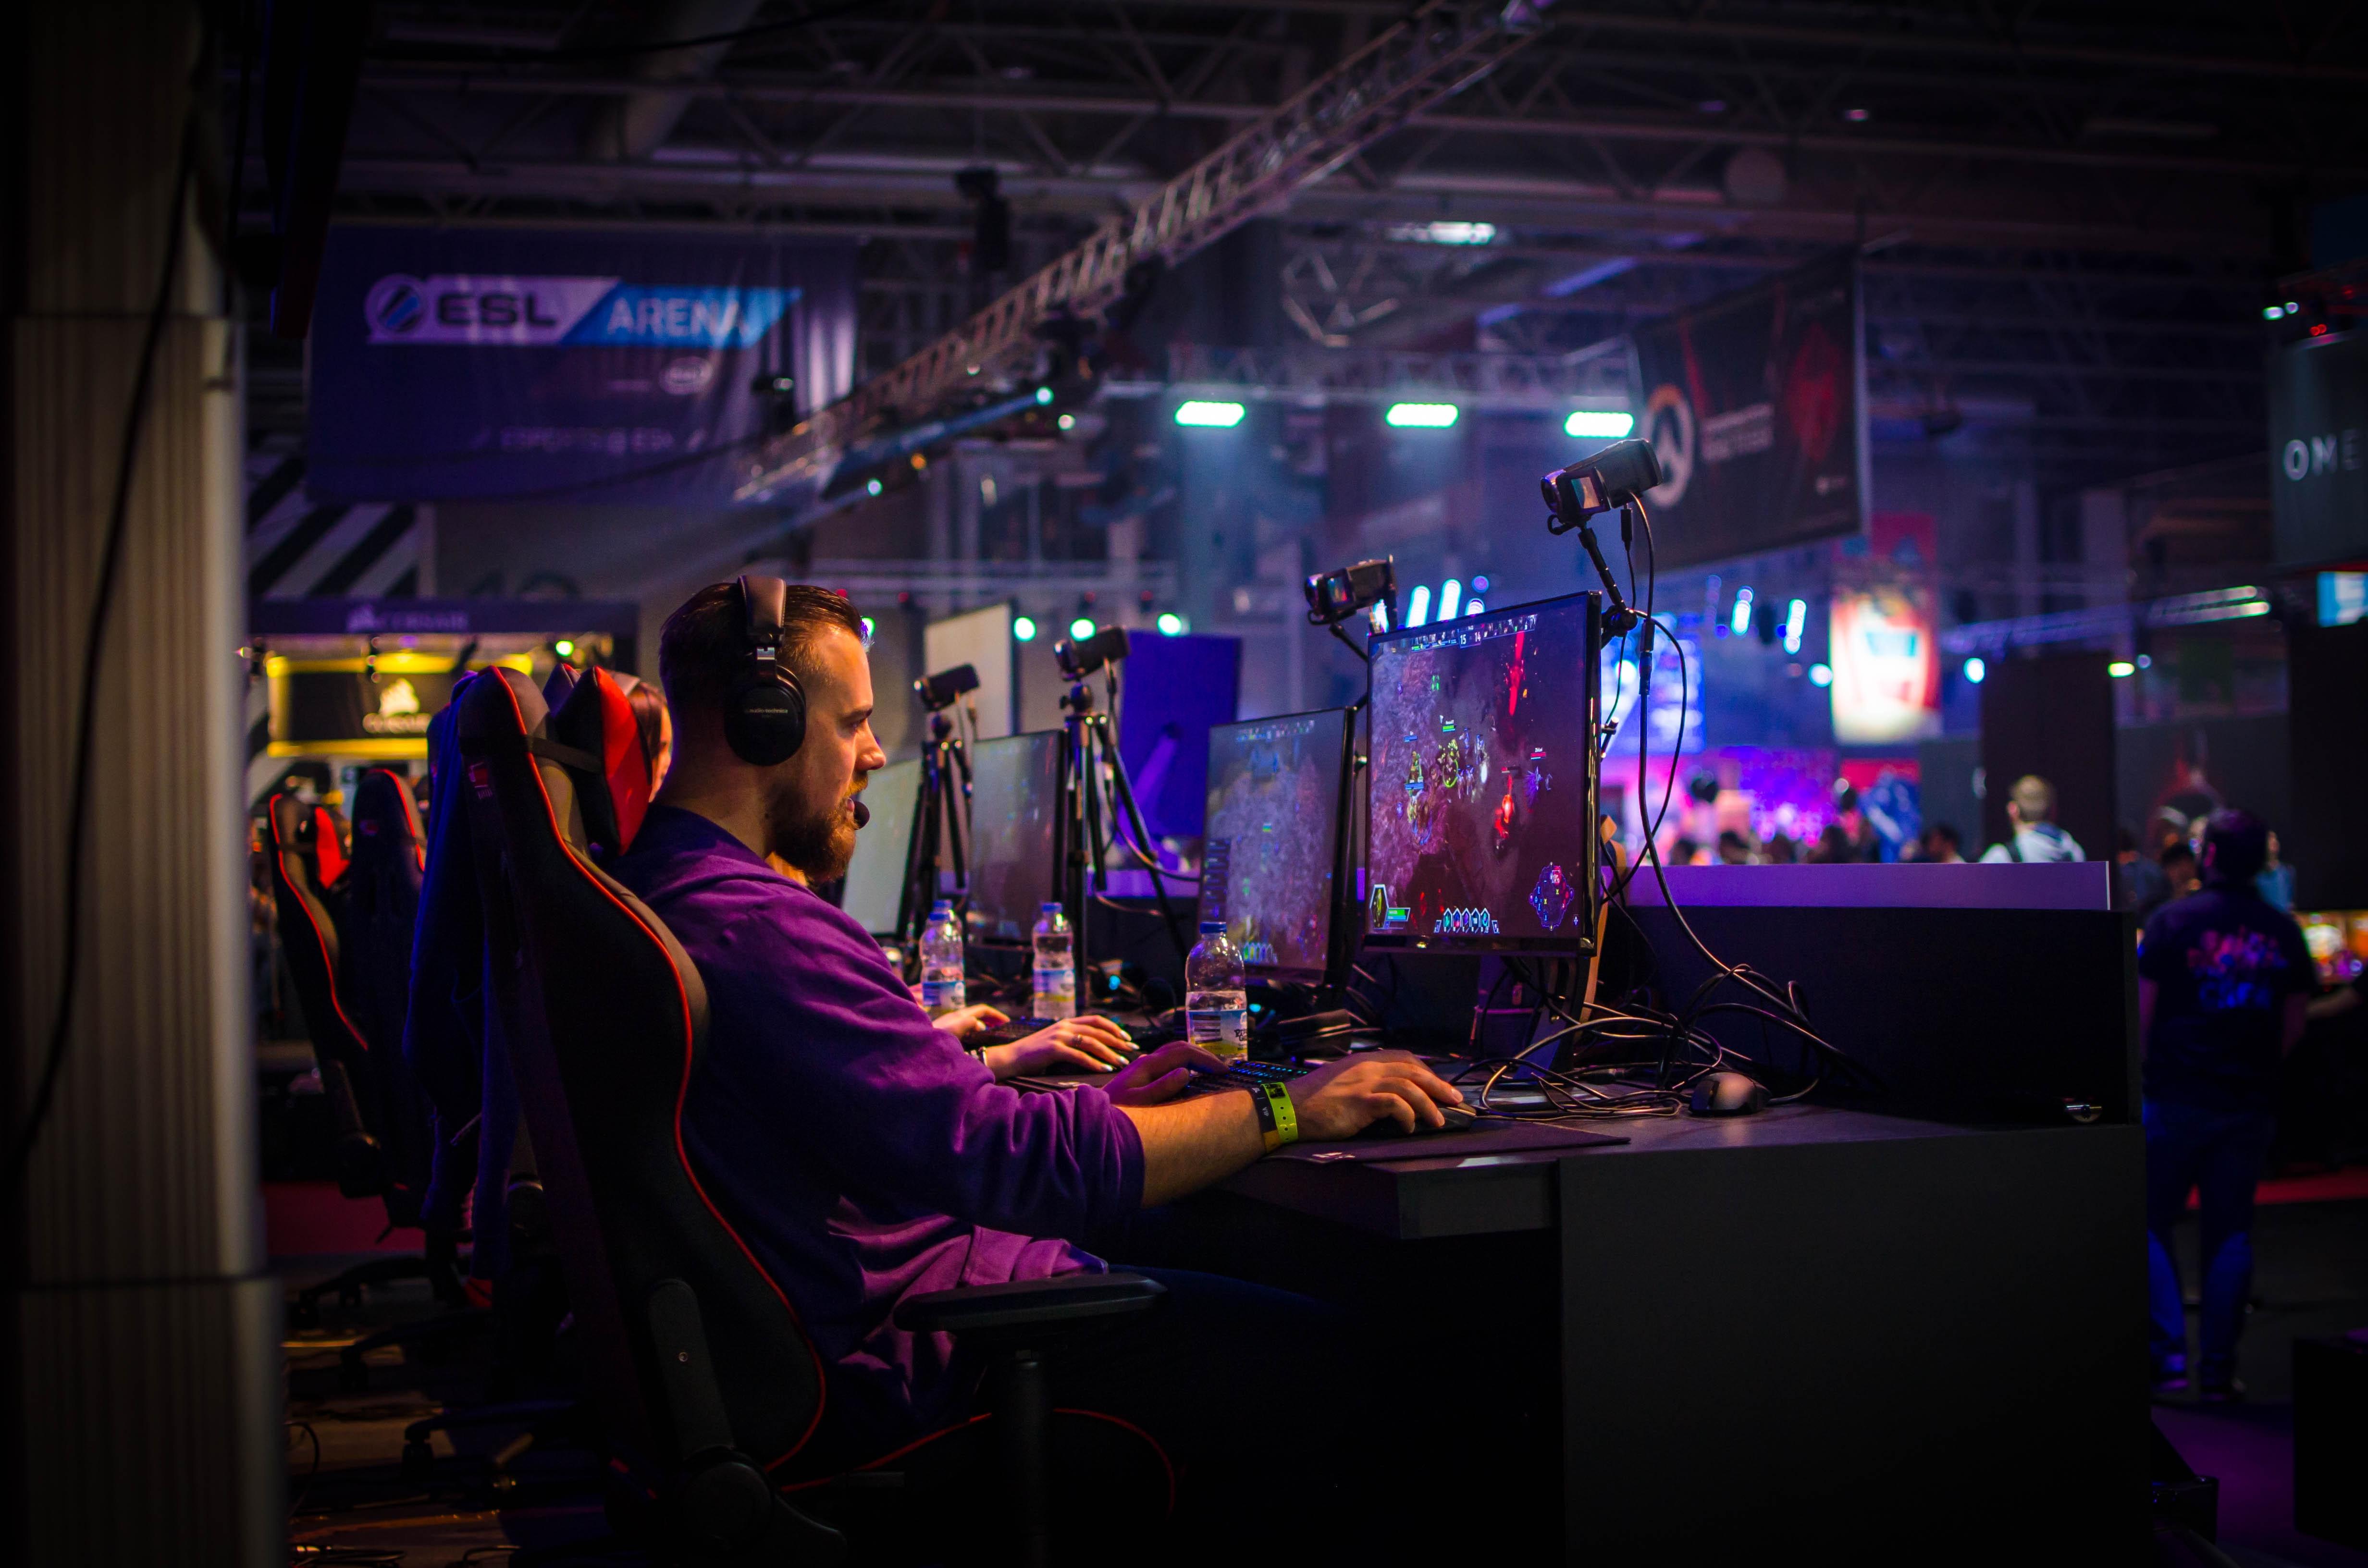 Profesjonell PC-spiller i konkurranse